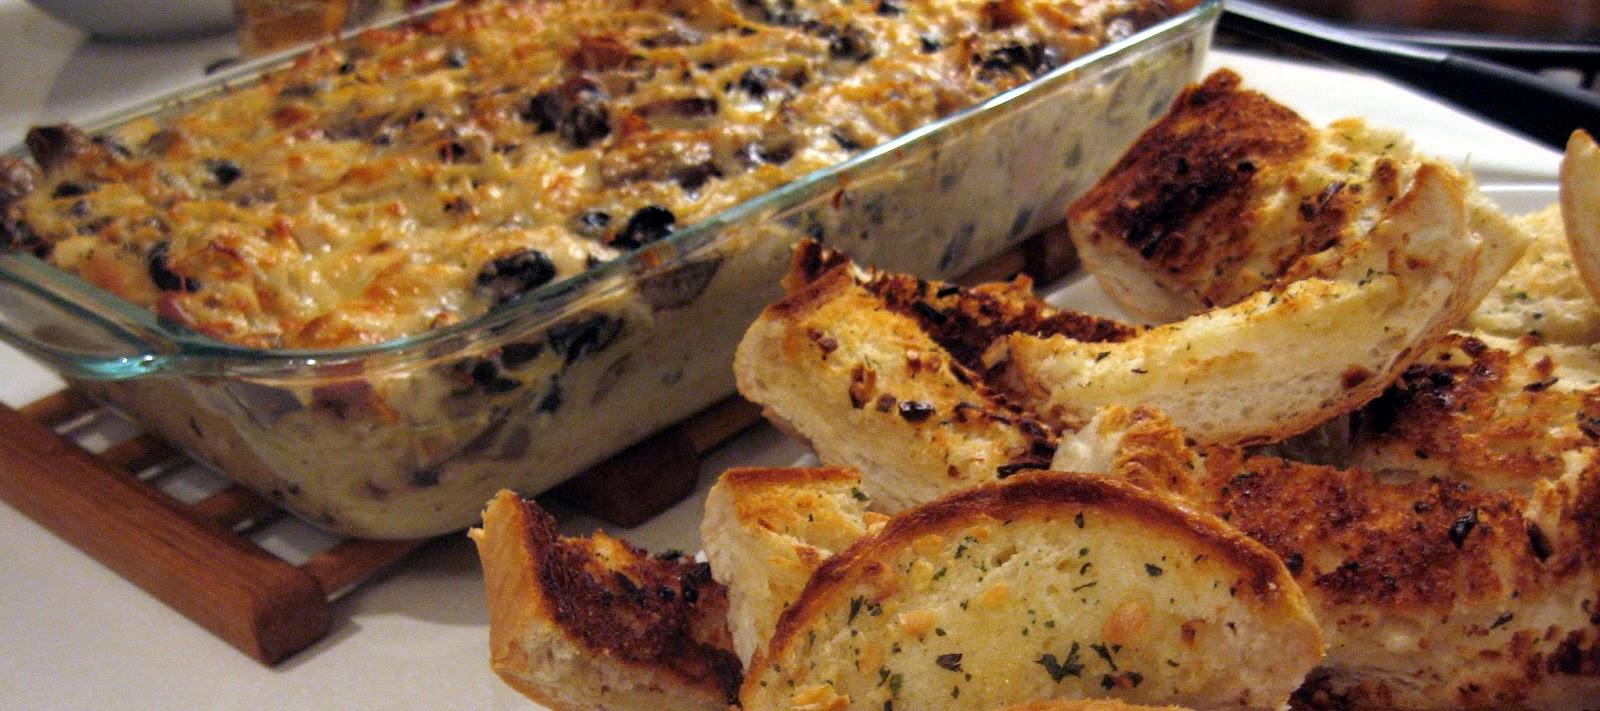 Creamy Chicken Spaghetti Casserole Recipes — Dishmaps